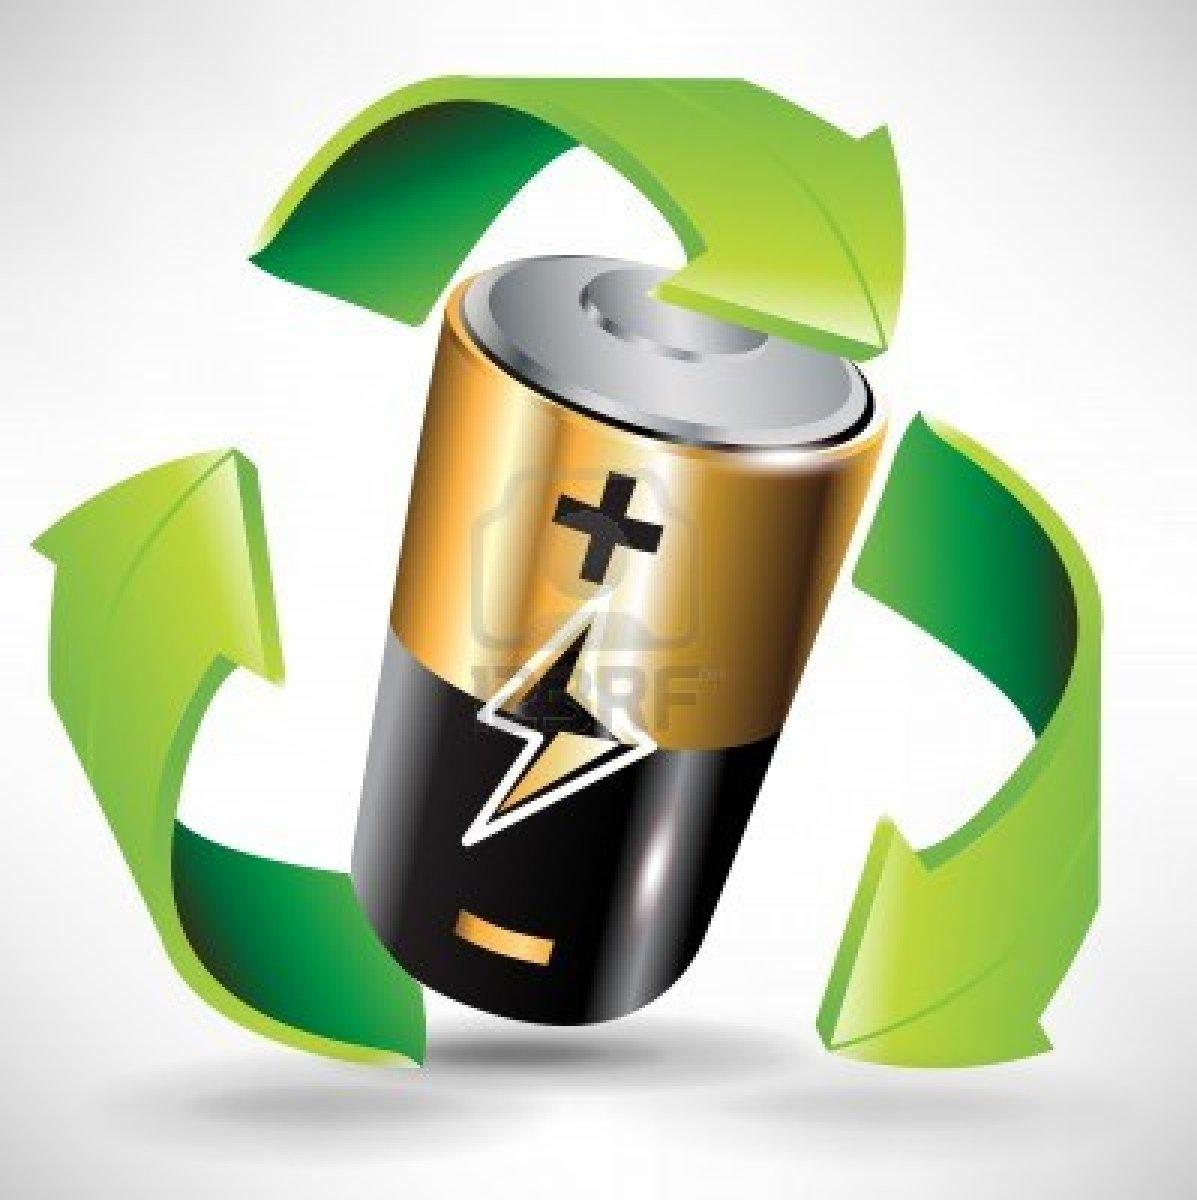 Los alumnos de 5º se ponen a reciclar.